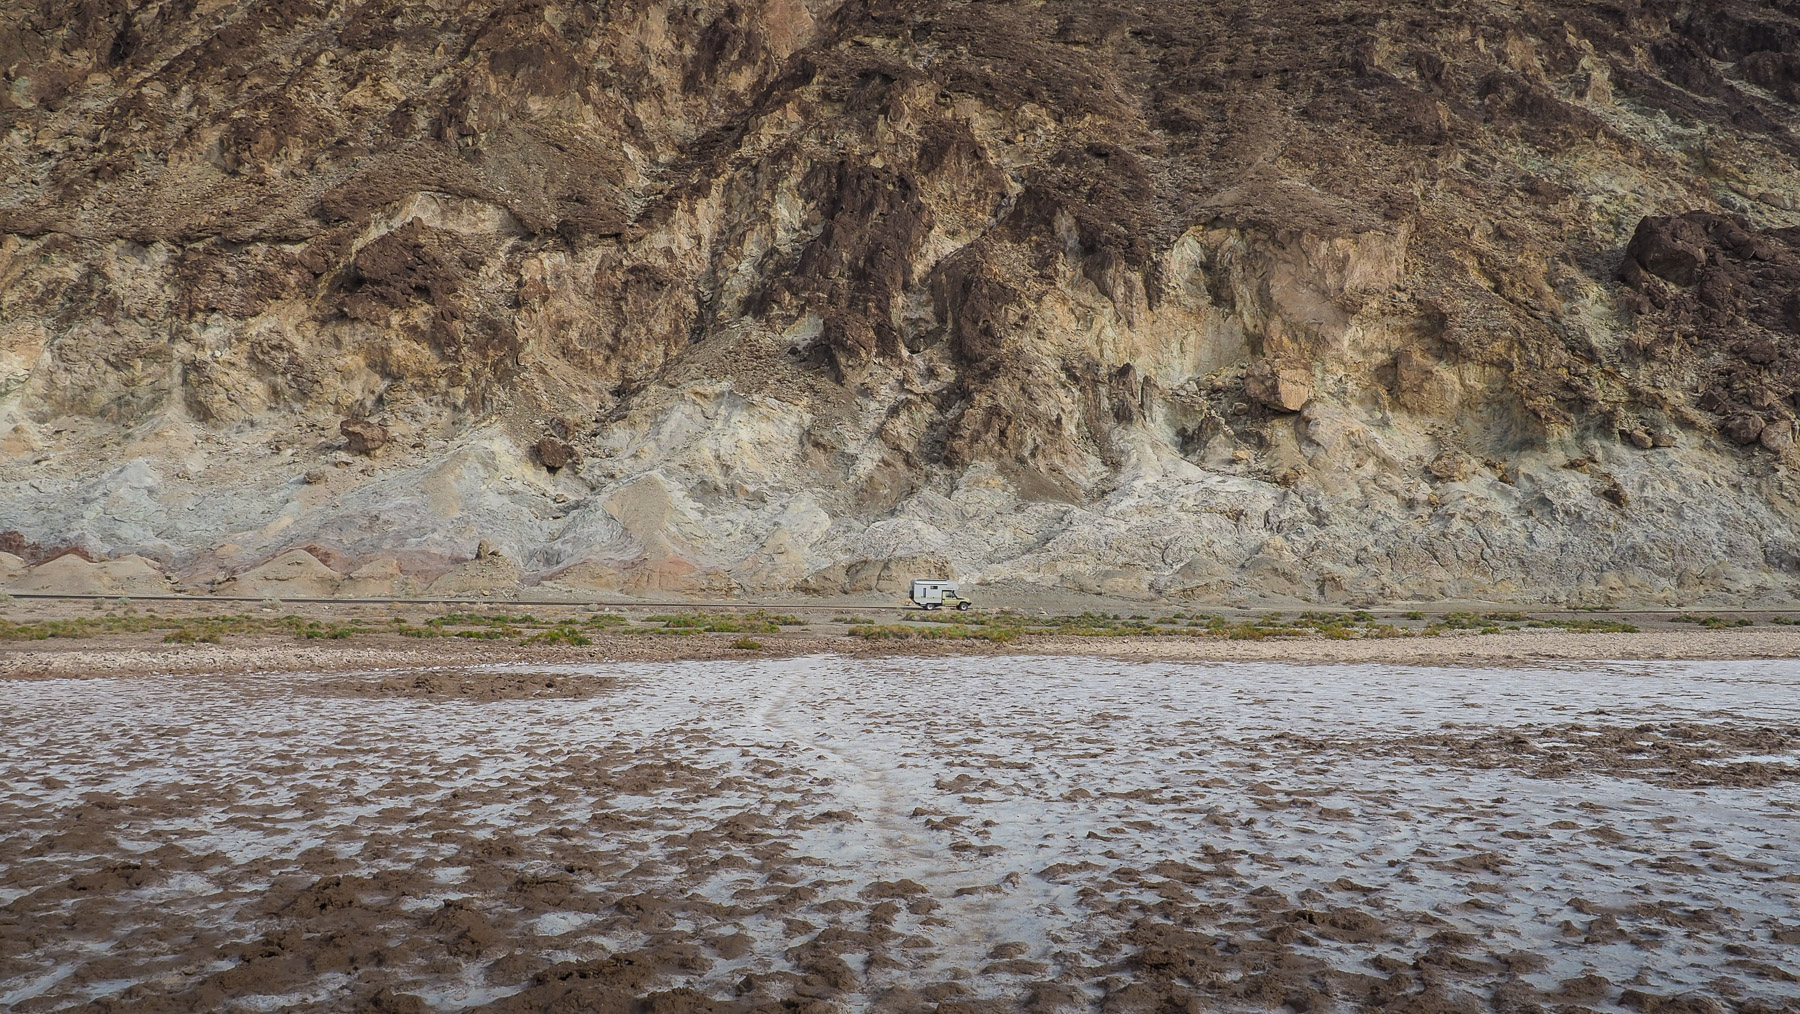 Unser Toyota - ganz klein in der Wüste